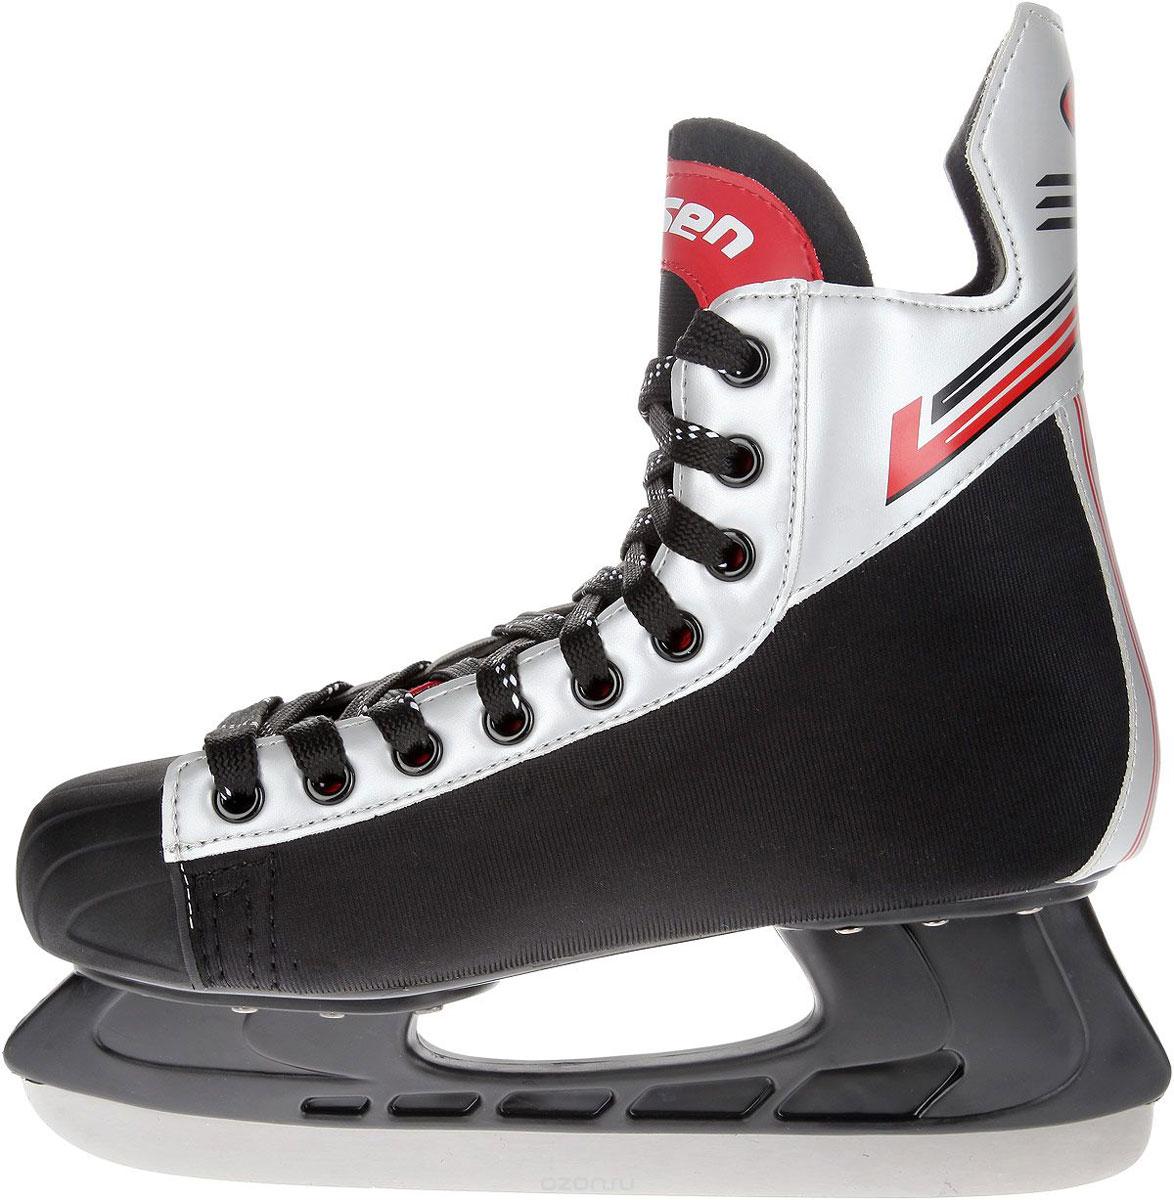 Коньки хоккейные мужские Larsen Alex, цвет: черный, серебристый, красный. Размер 45 Alex_черный, серебристый, красный_45